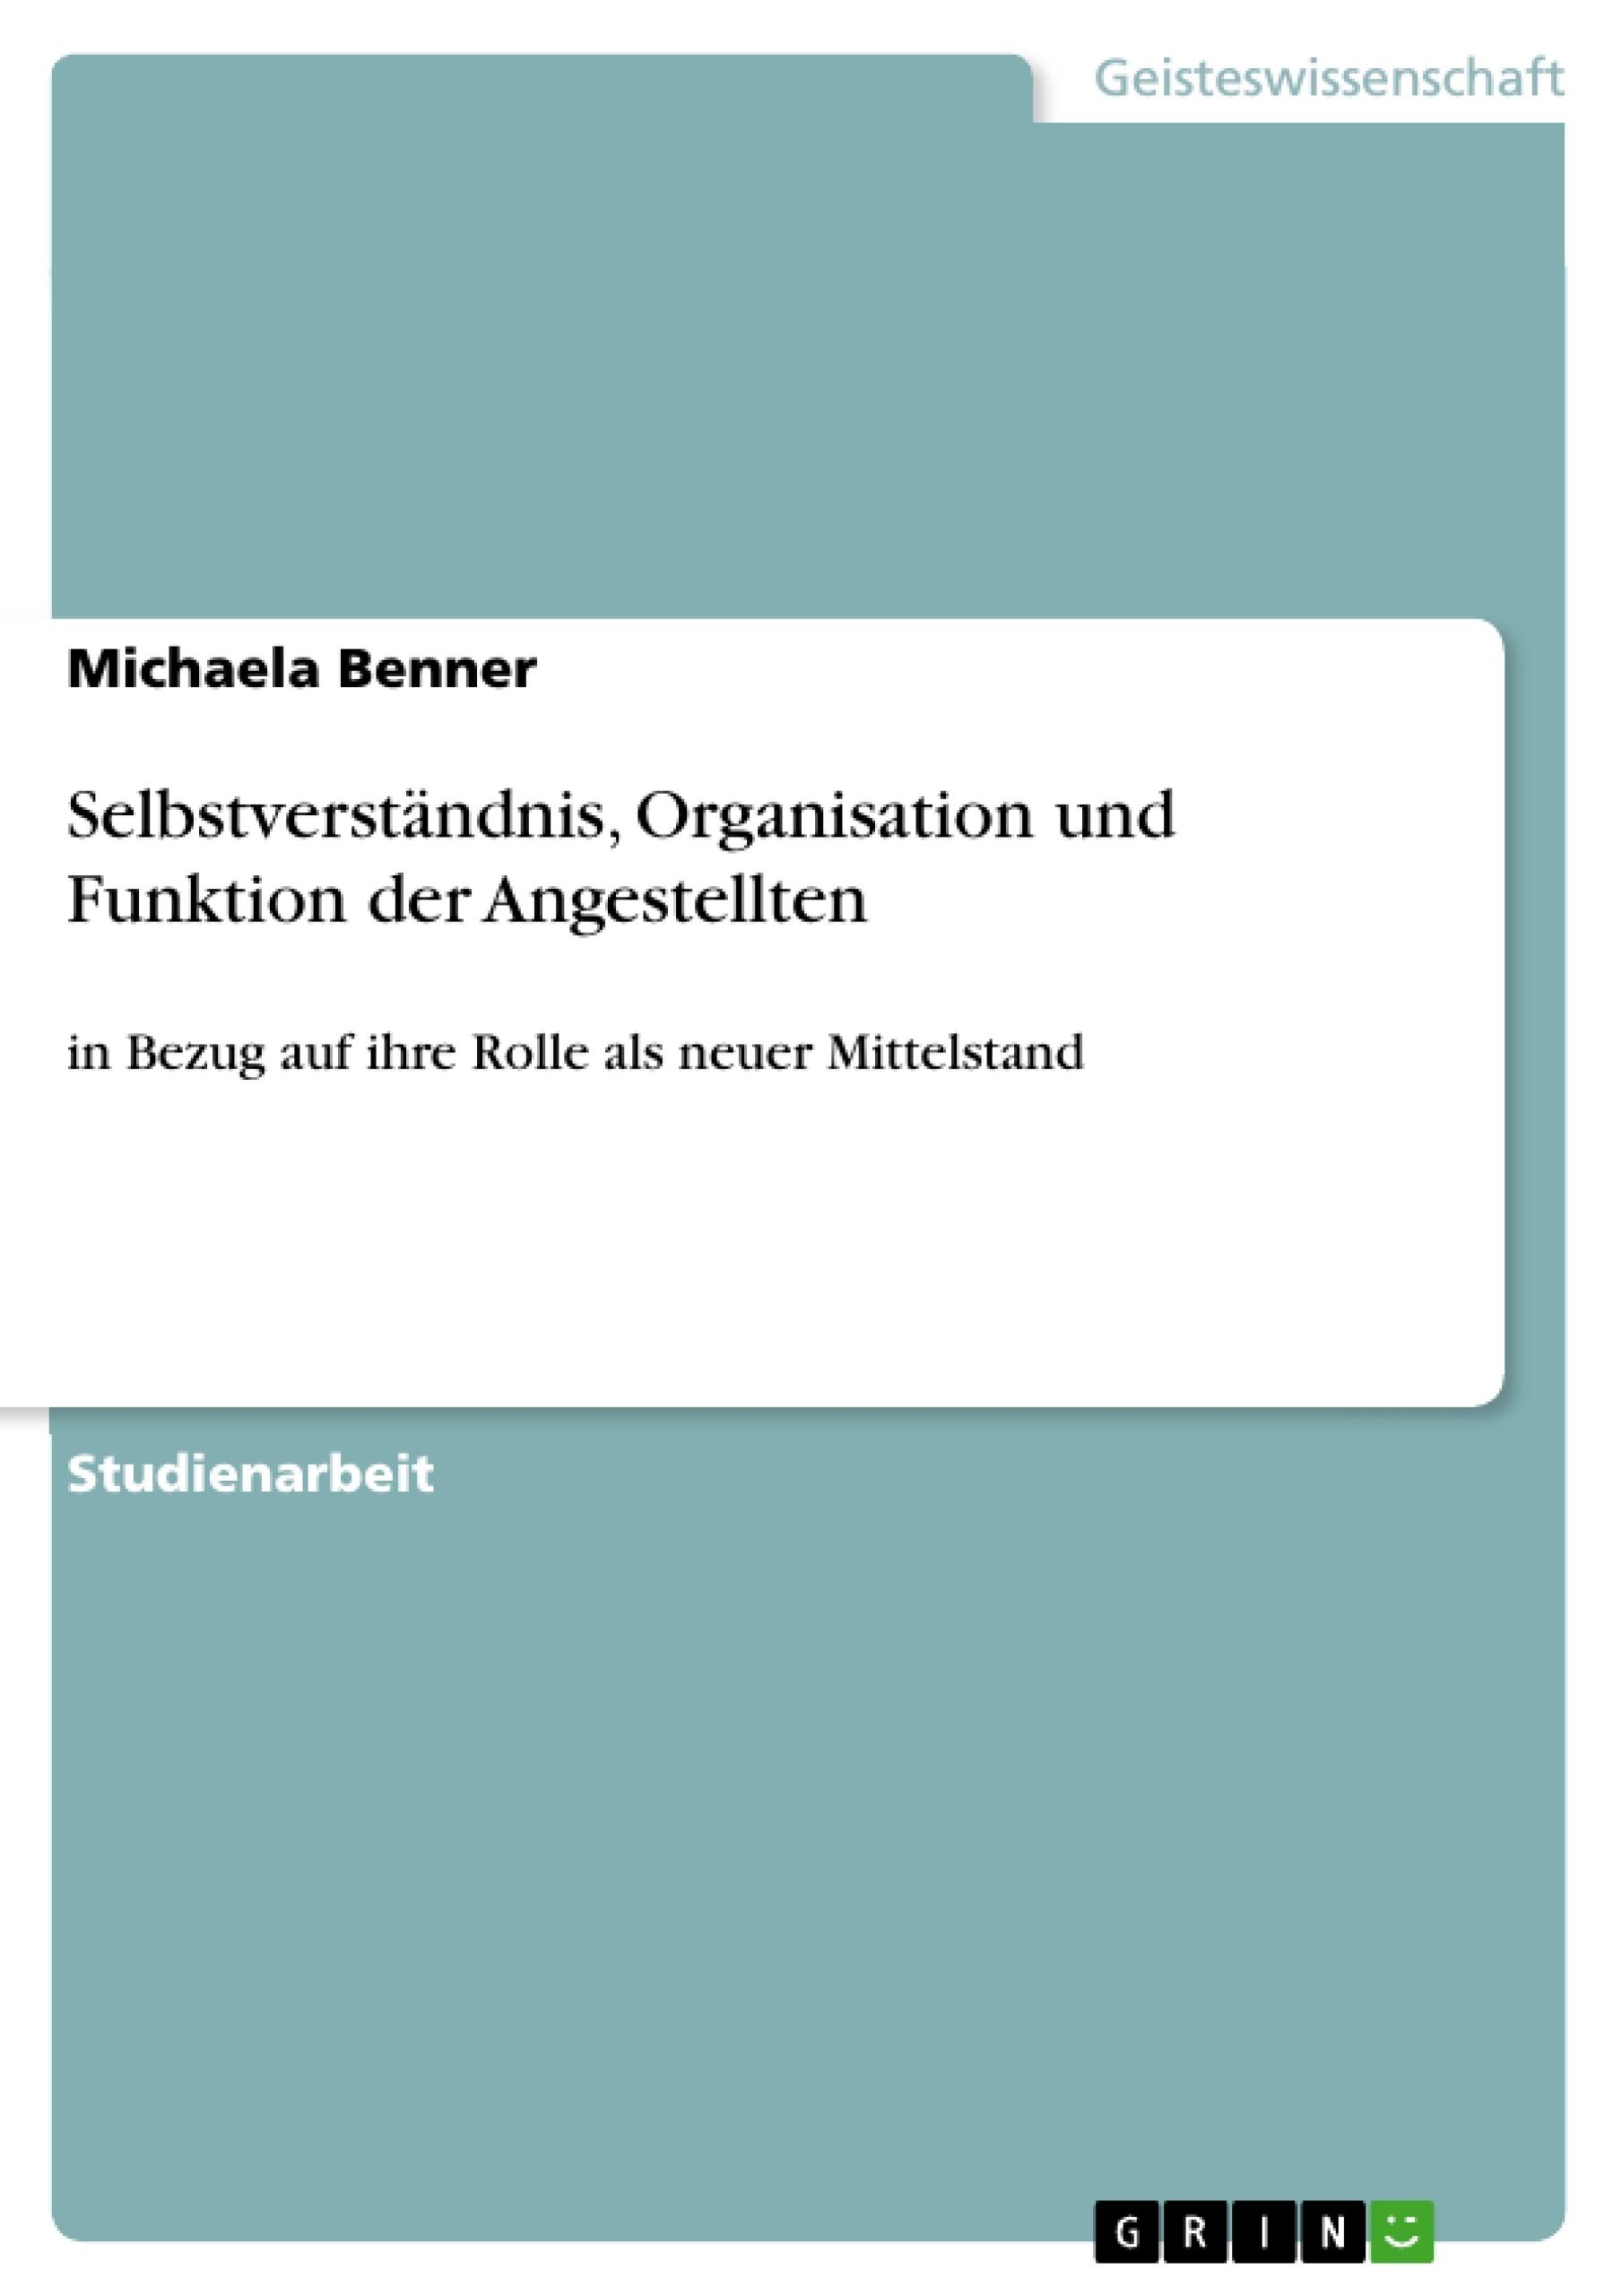 Titel: Selbstverständnis, Organisation und Funktion der Angestellten